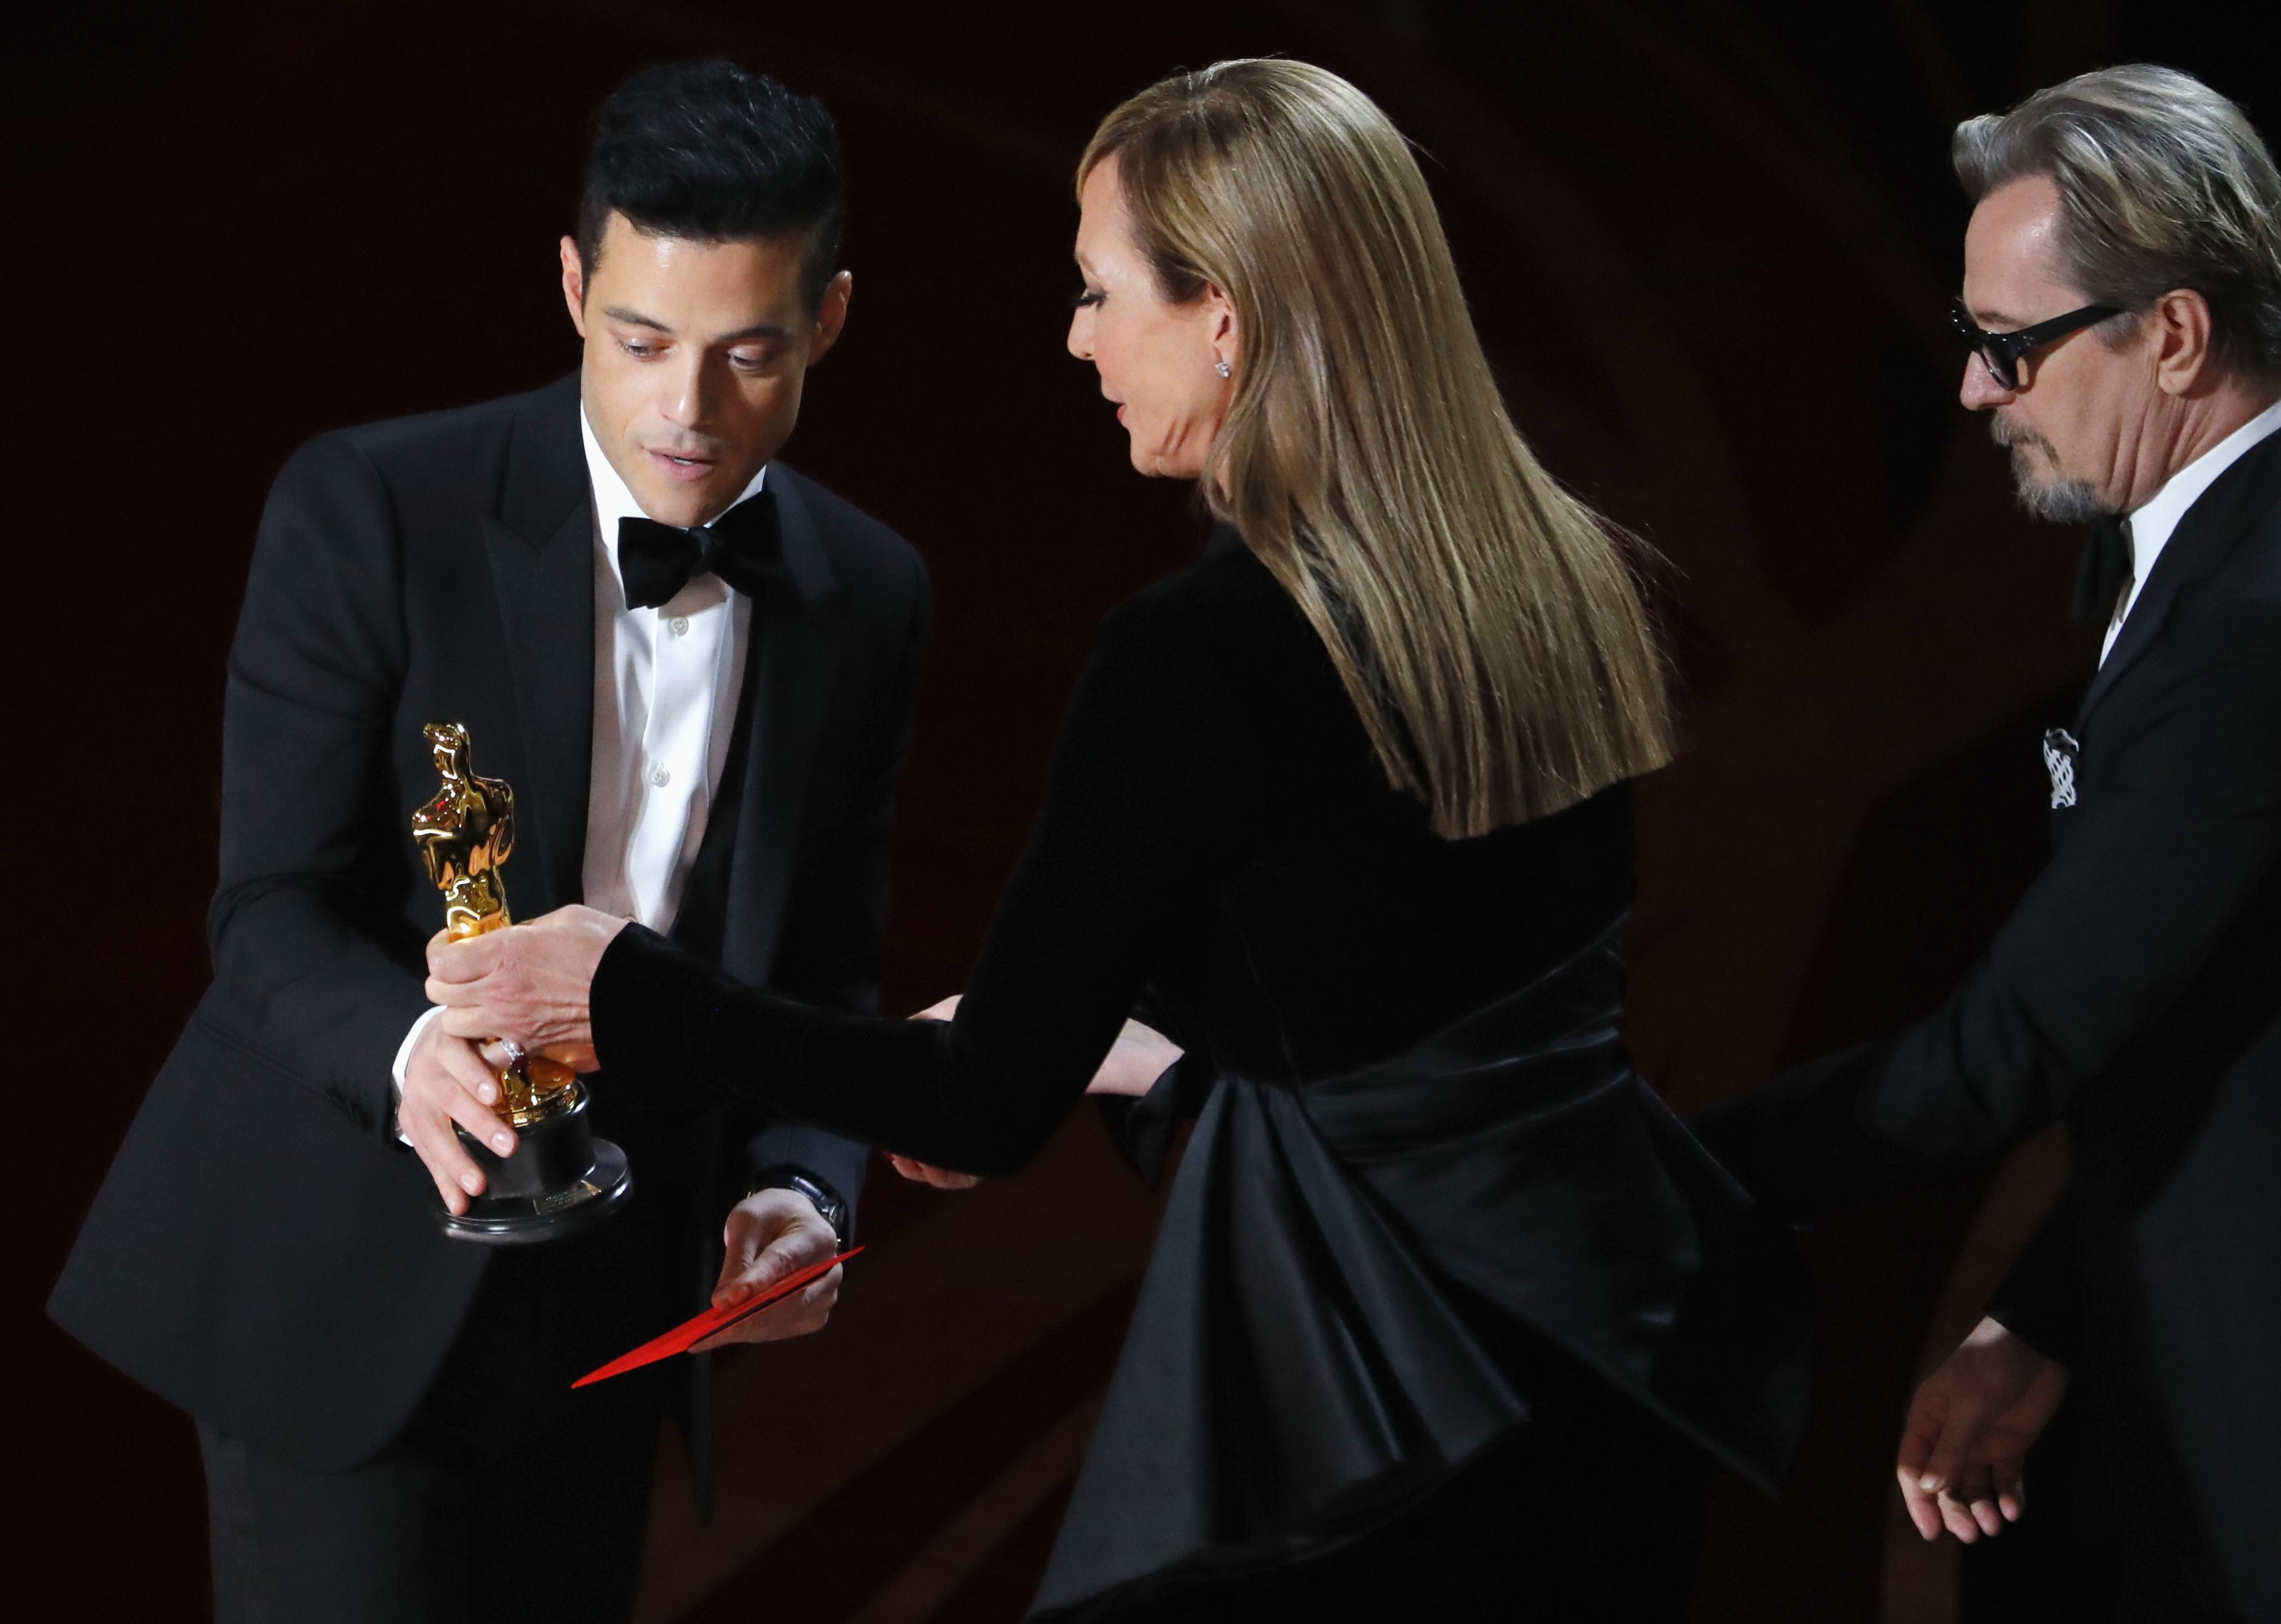 رامي مالك يتسلم جائزة أفضل ممثل